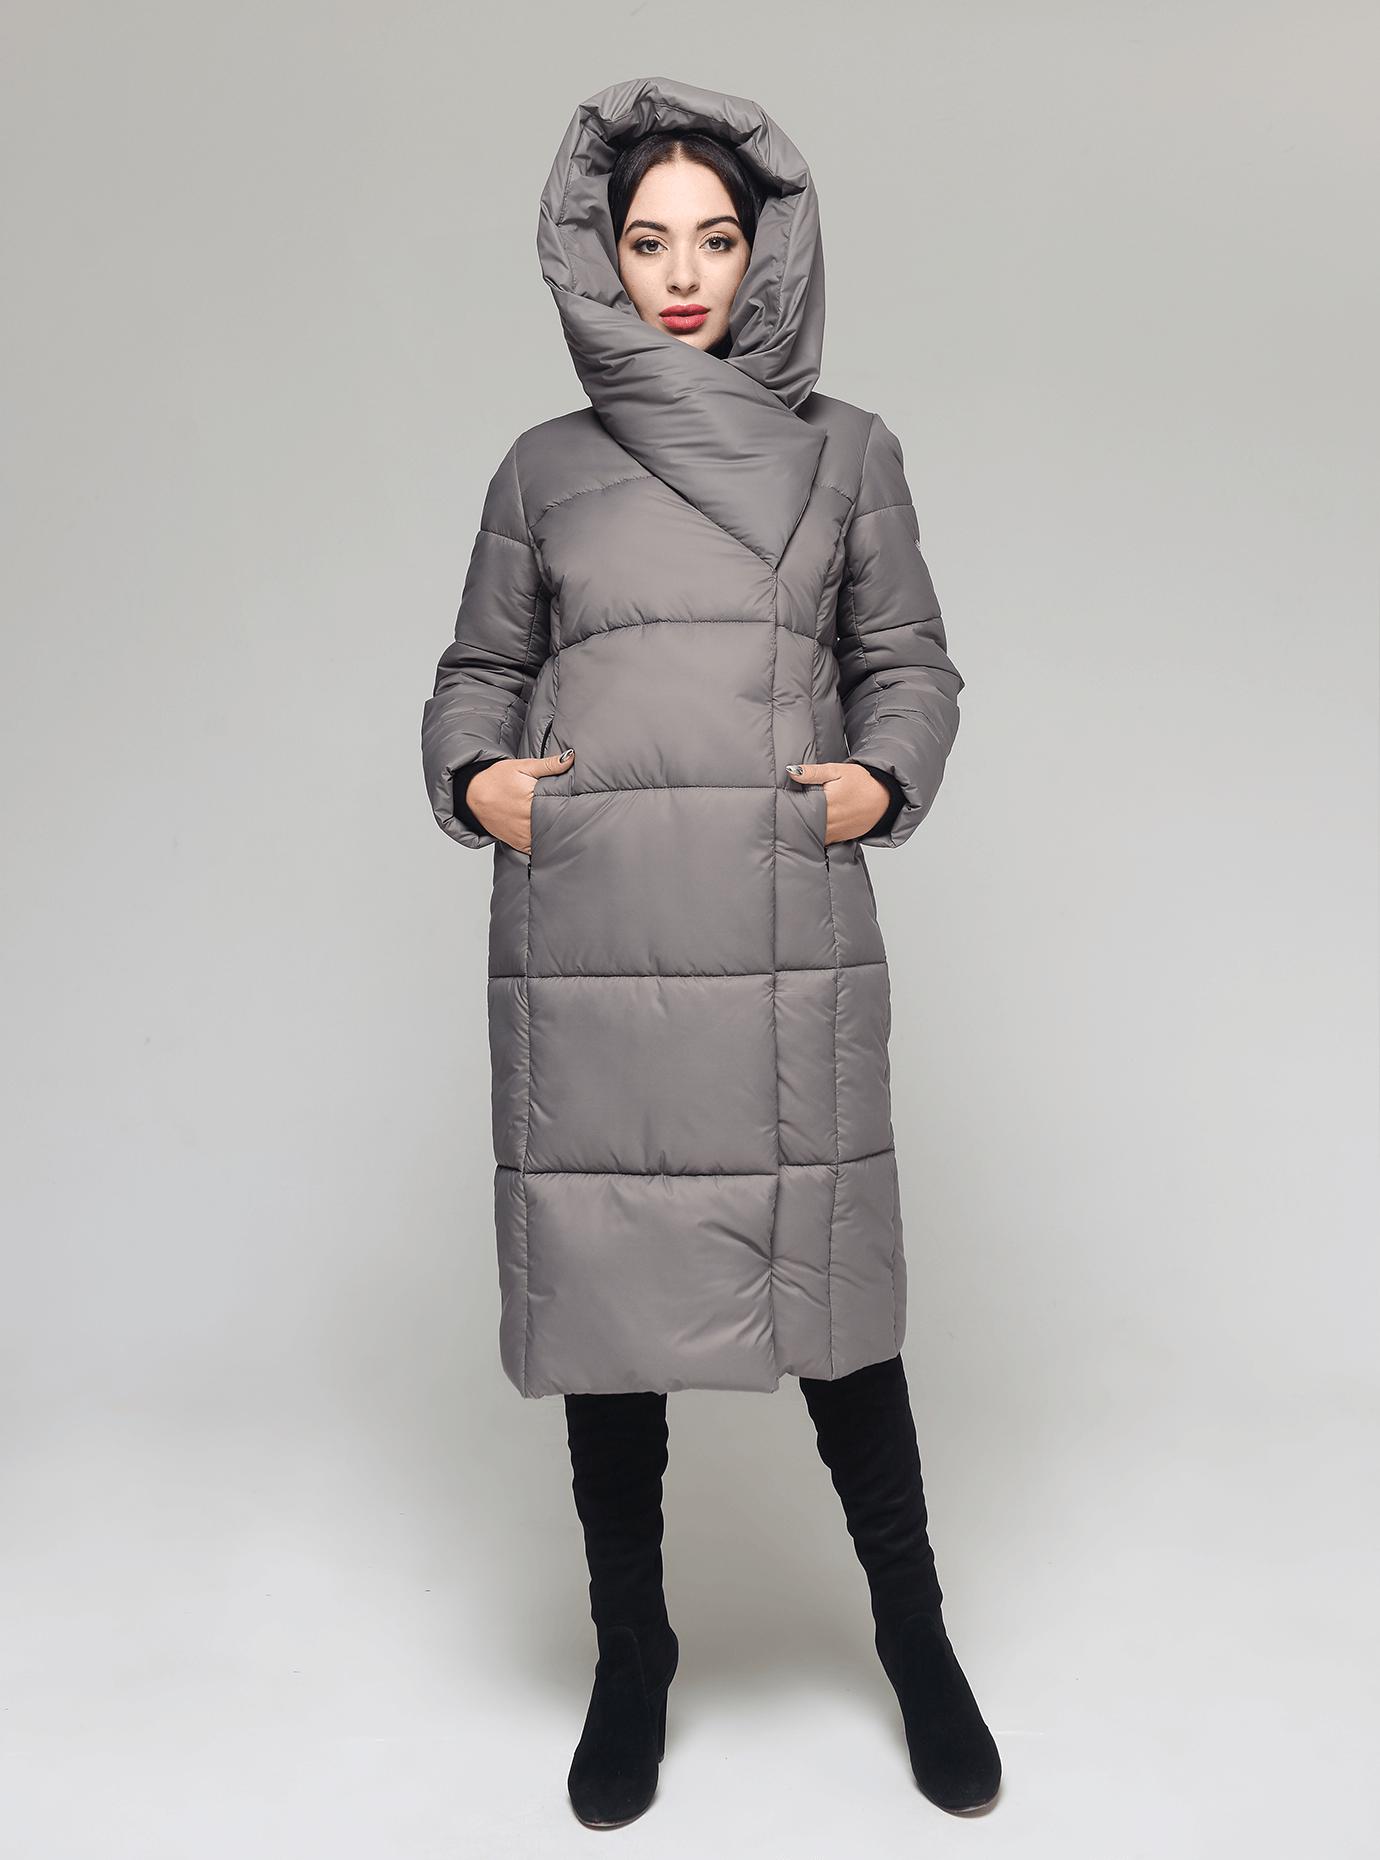 Куртка женская зимняя широкий воротник Бежевый 42 (02-KT190355): фото - Alster.ua